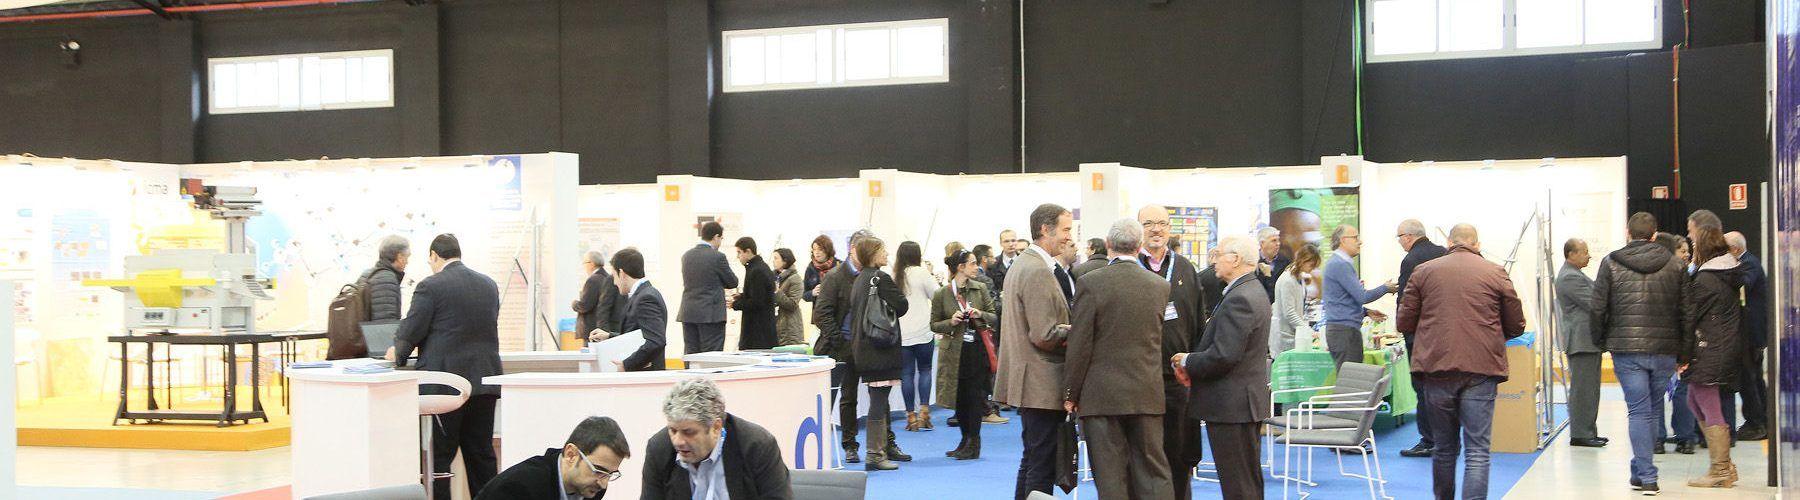 Mesas decisivas y jóvenes innovadores en Destaca Vinaròs